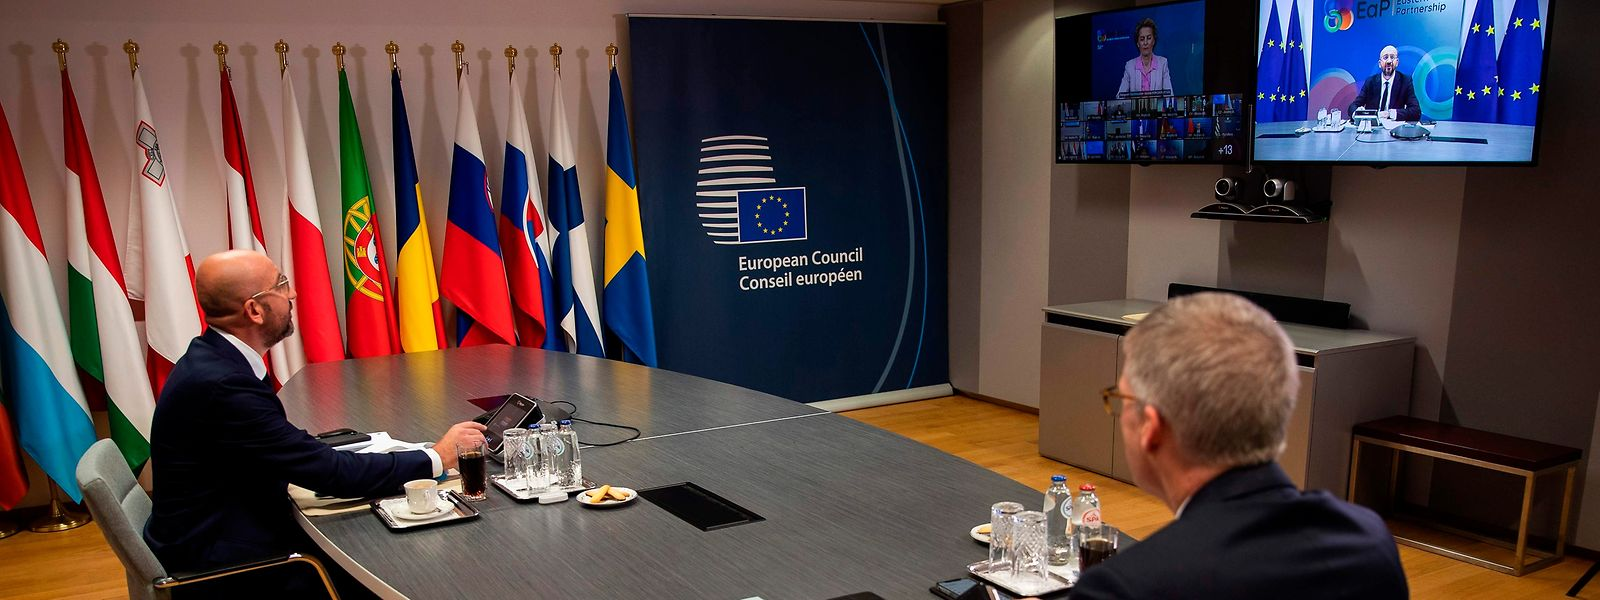 Le président du Conseil Charles Michel attend de la part des 27 qu'ils trouvent un compromis.